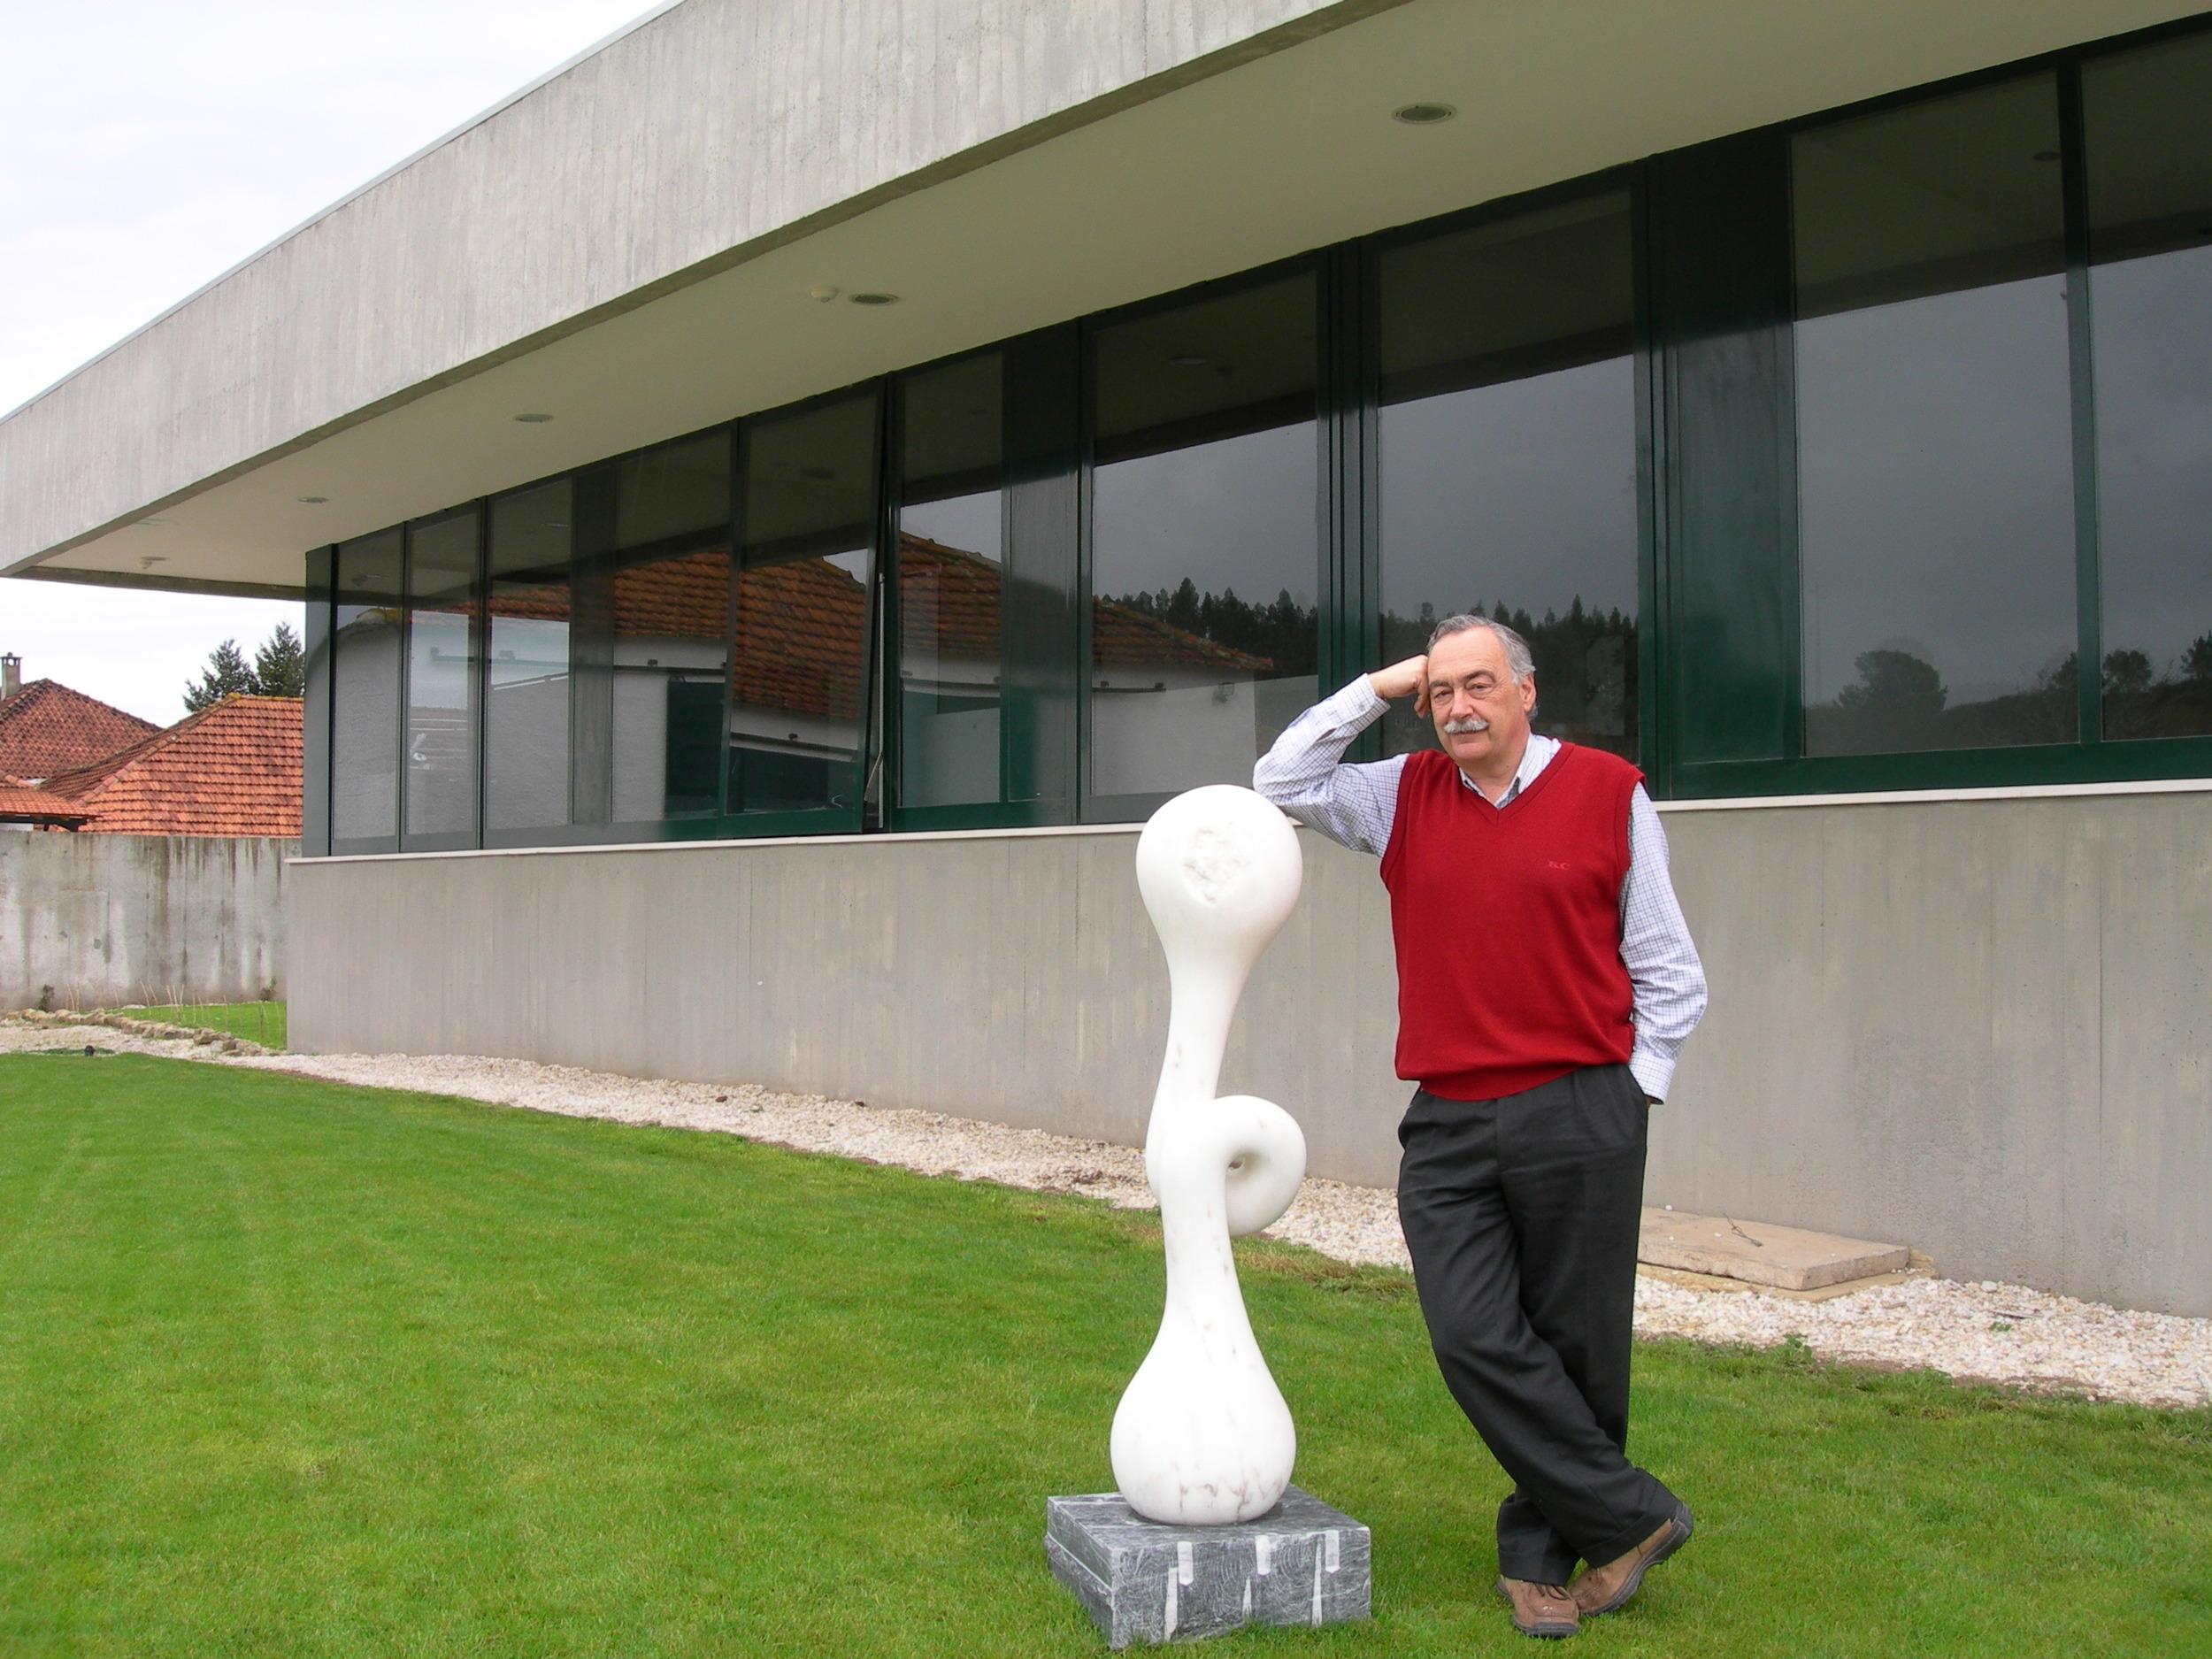 LPato & alambique sculpture 17.03.06.JPG